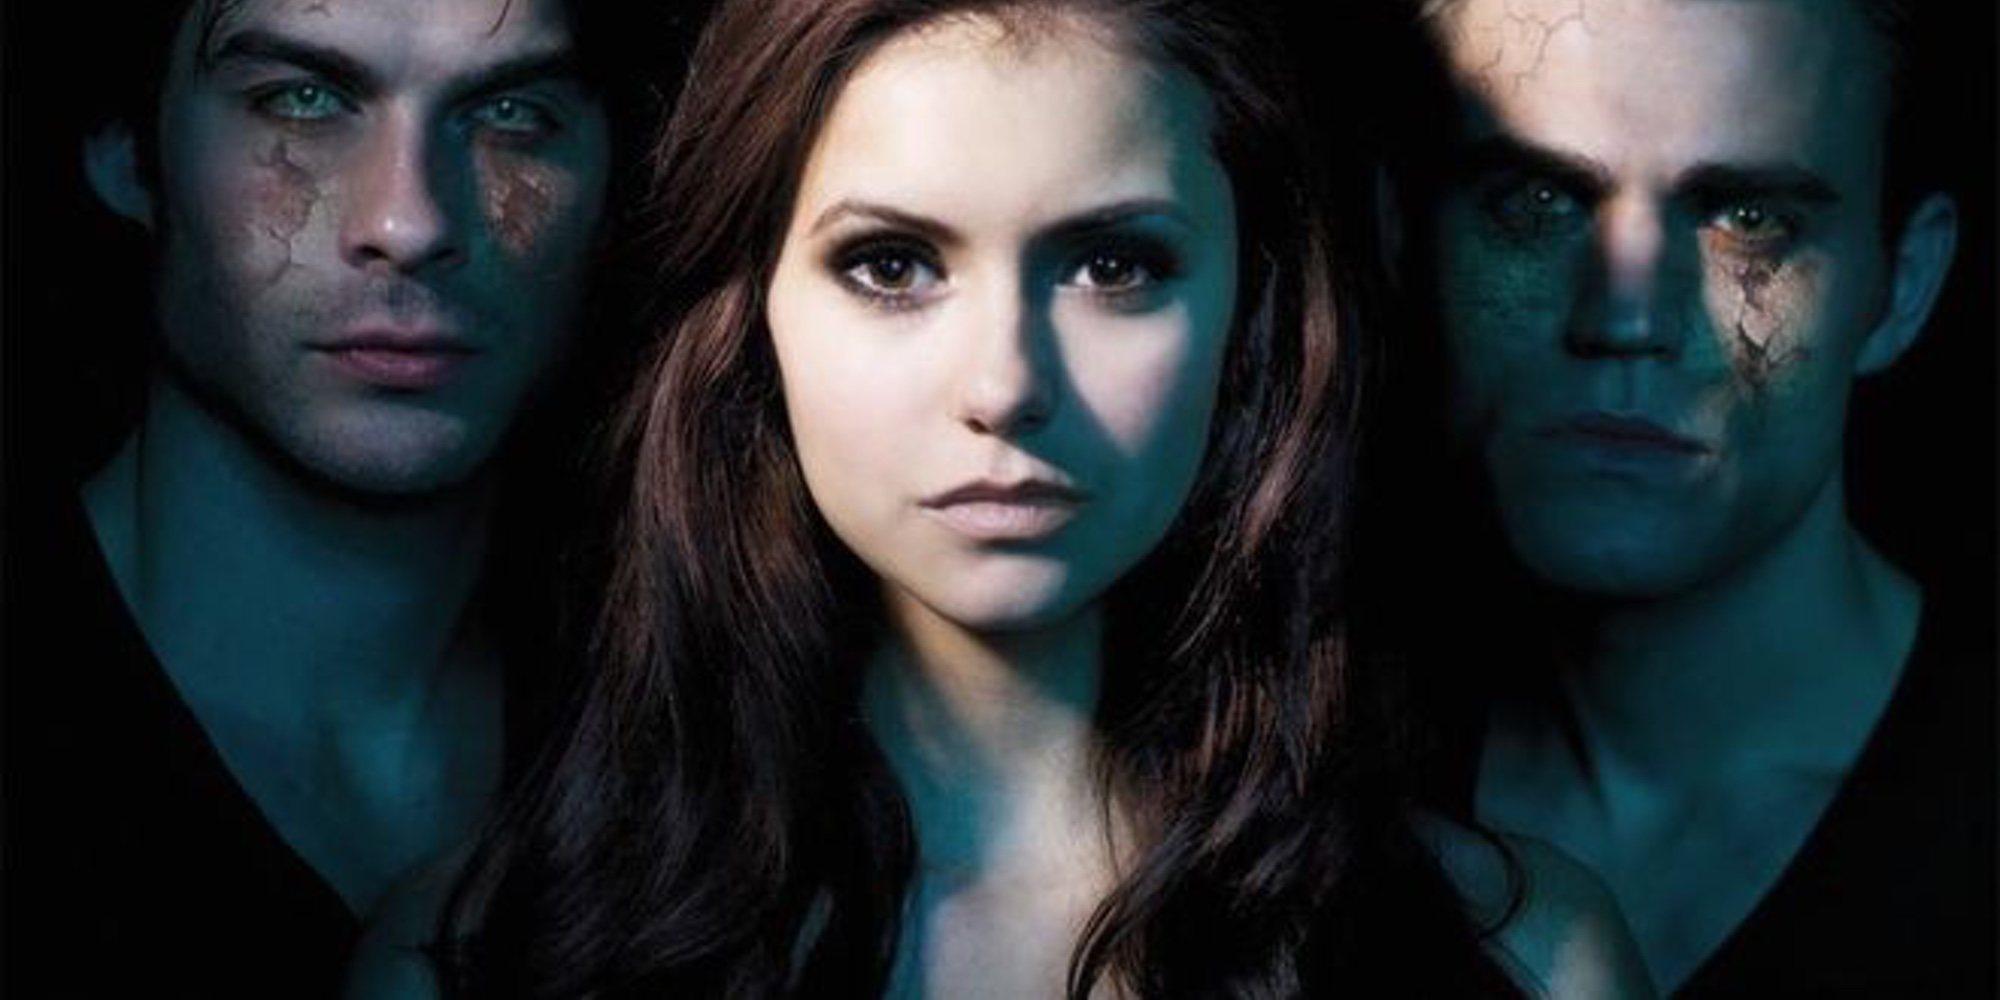 'Crónicas vampíricas', 'Embrujadas', 'True Blood' y otras series de vampiros, brujas y licántropos